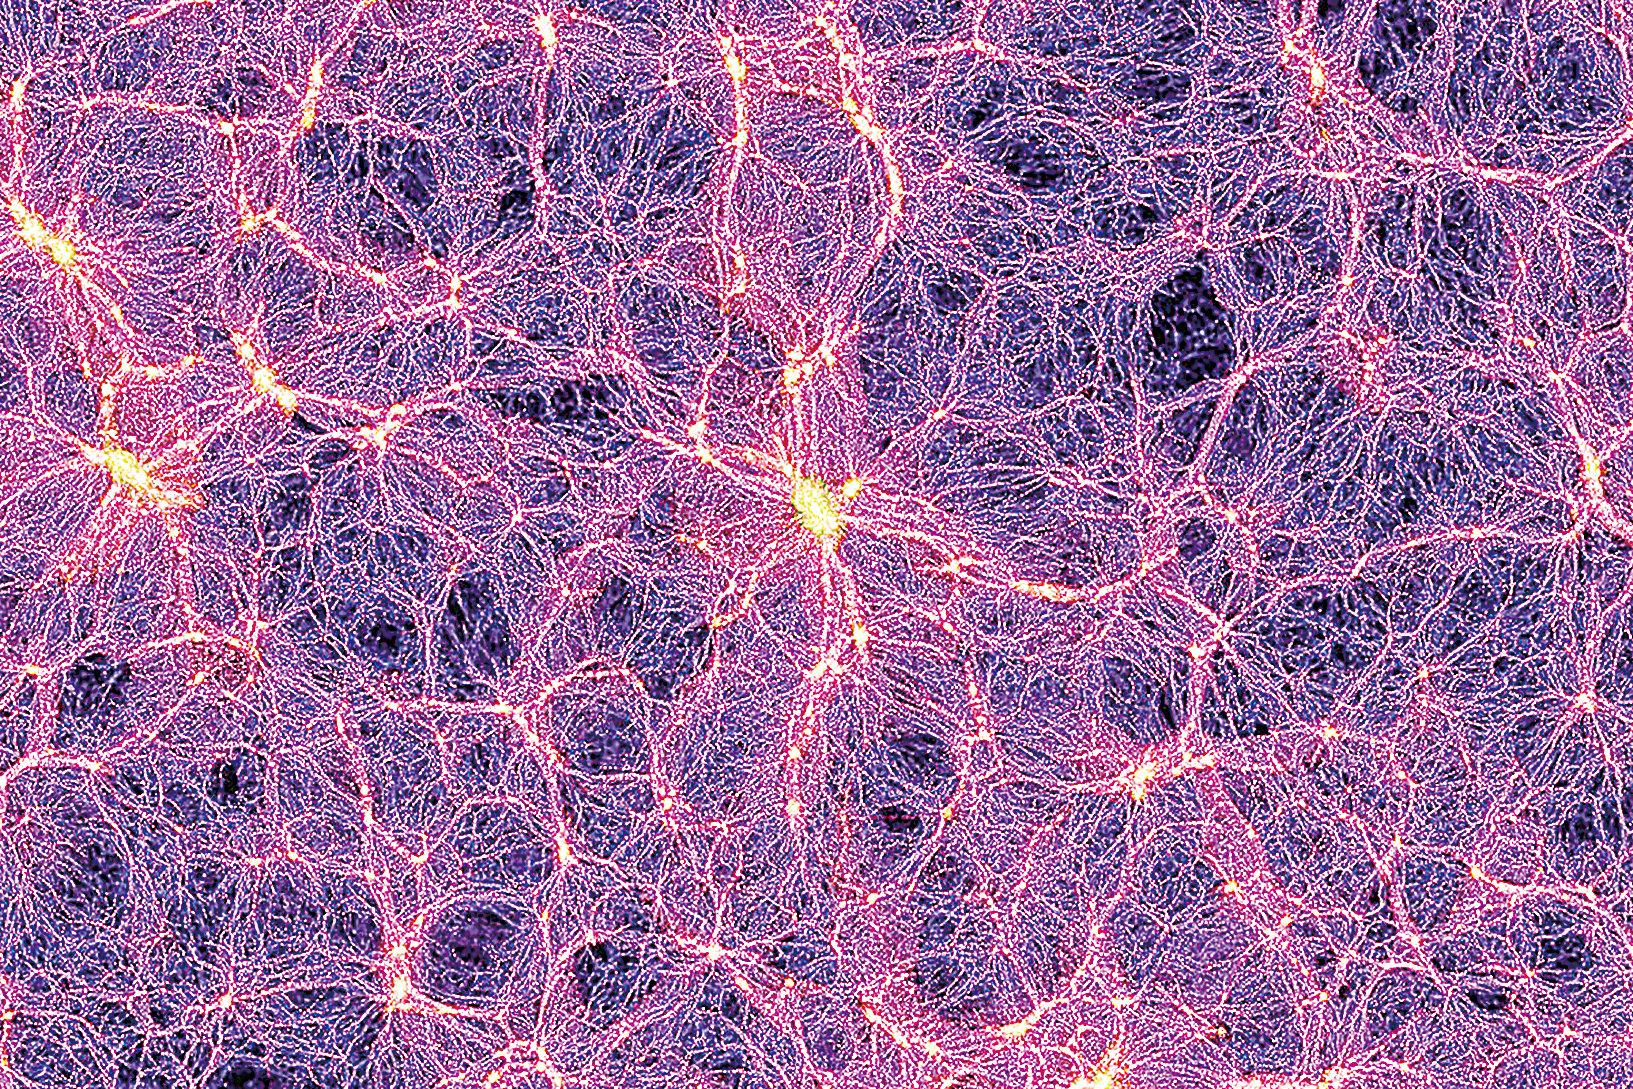 宇宙中星系的分佈如同網格,因此也被稱為宇宙網。那些超星系團組成的網線是其中最粗大的部份,其餘散佈的星系則形成較細的纖維。而纖維之間的空洞幾乎不含星系。(官方圖片)